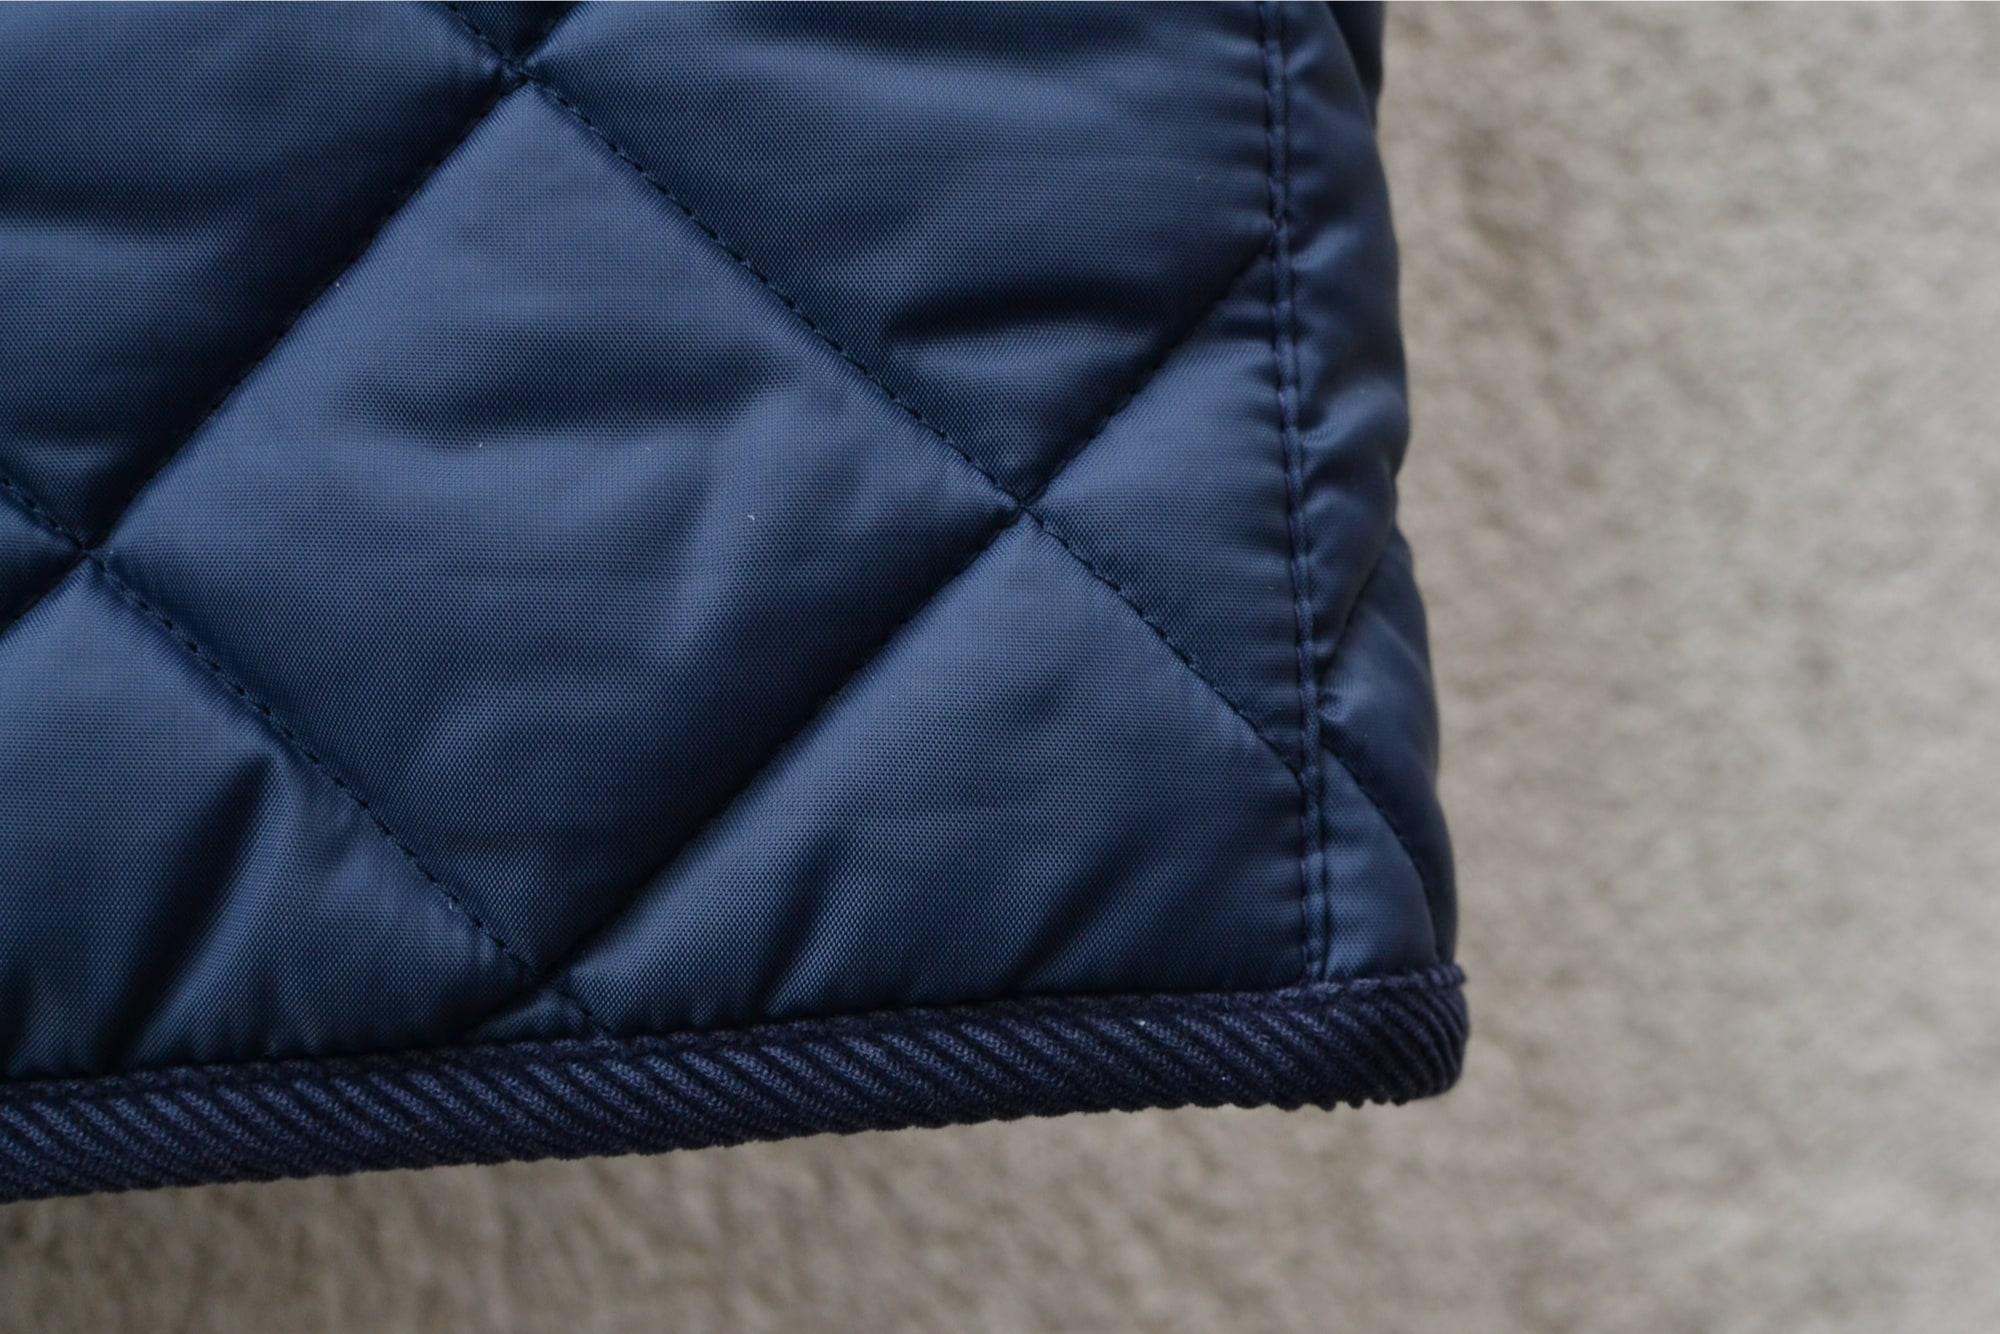 conseil blog mode homme workwear street heritage comment trouver de bons plans dans des friperie - gilet chasse type barbour avec benetton vintage military quilted vest